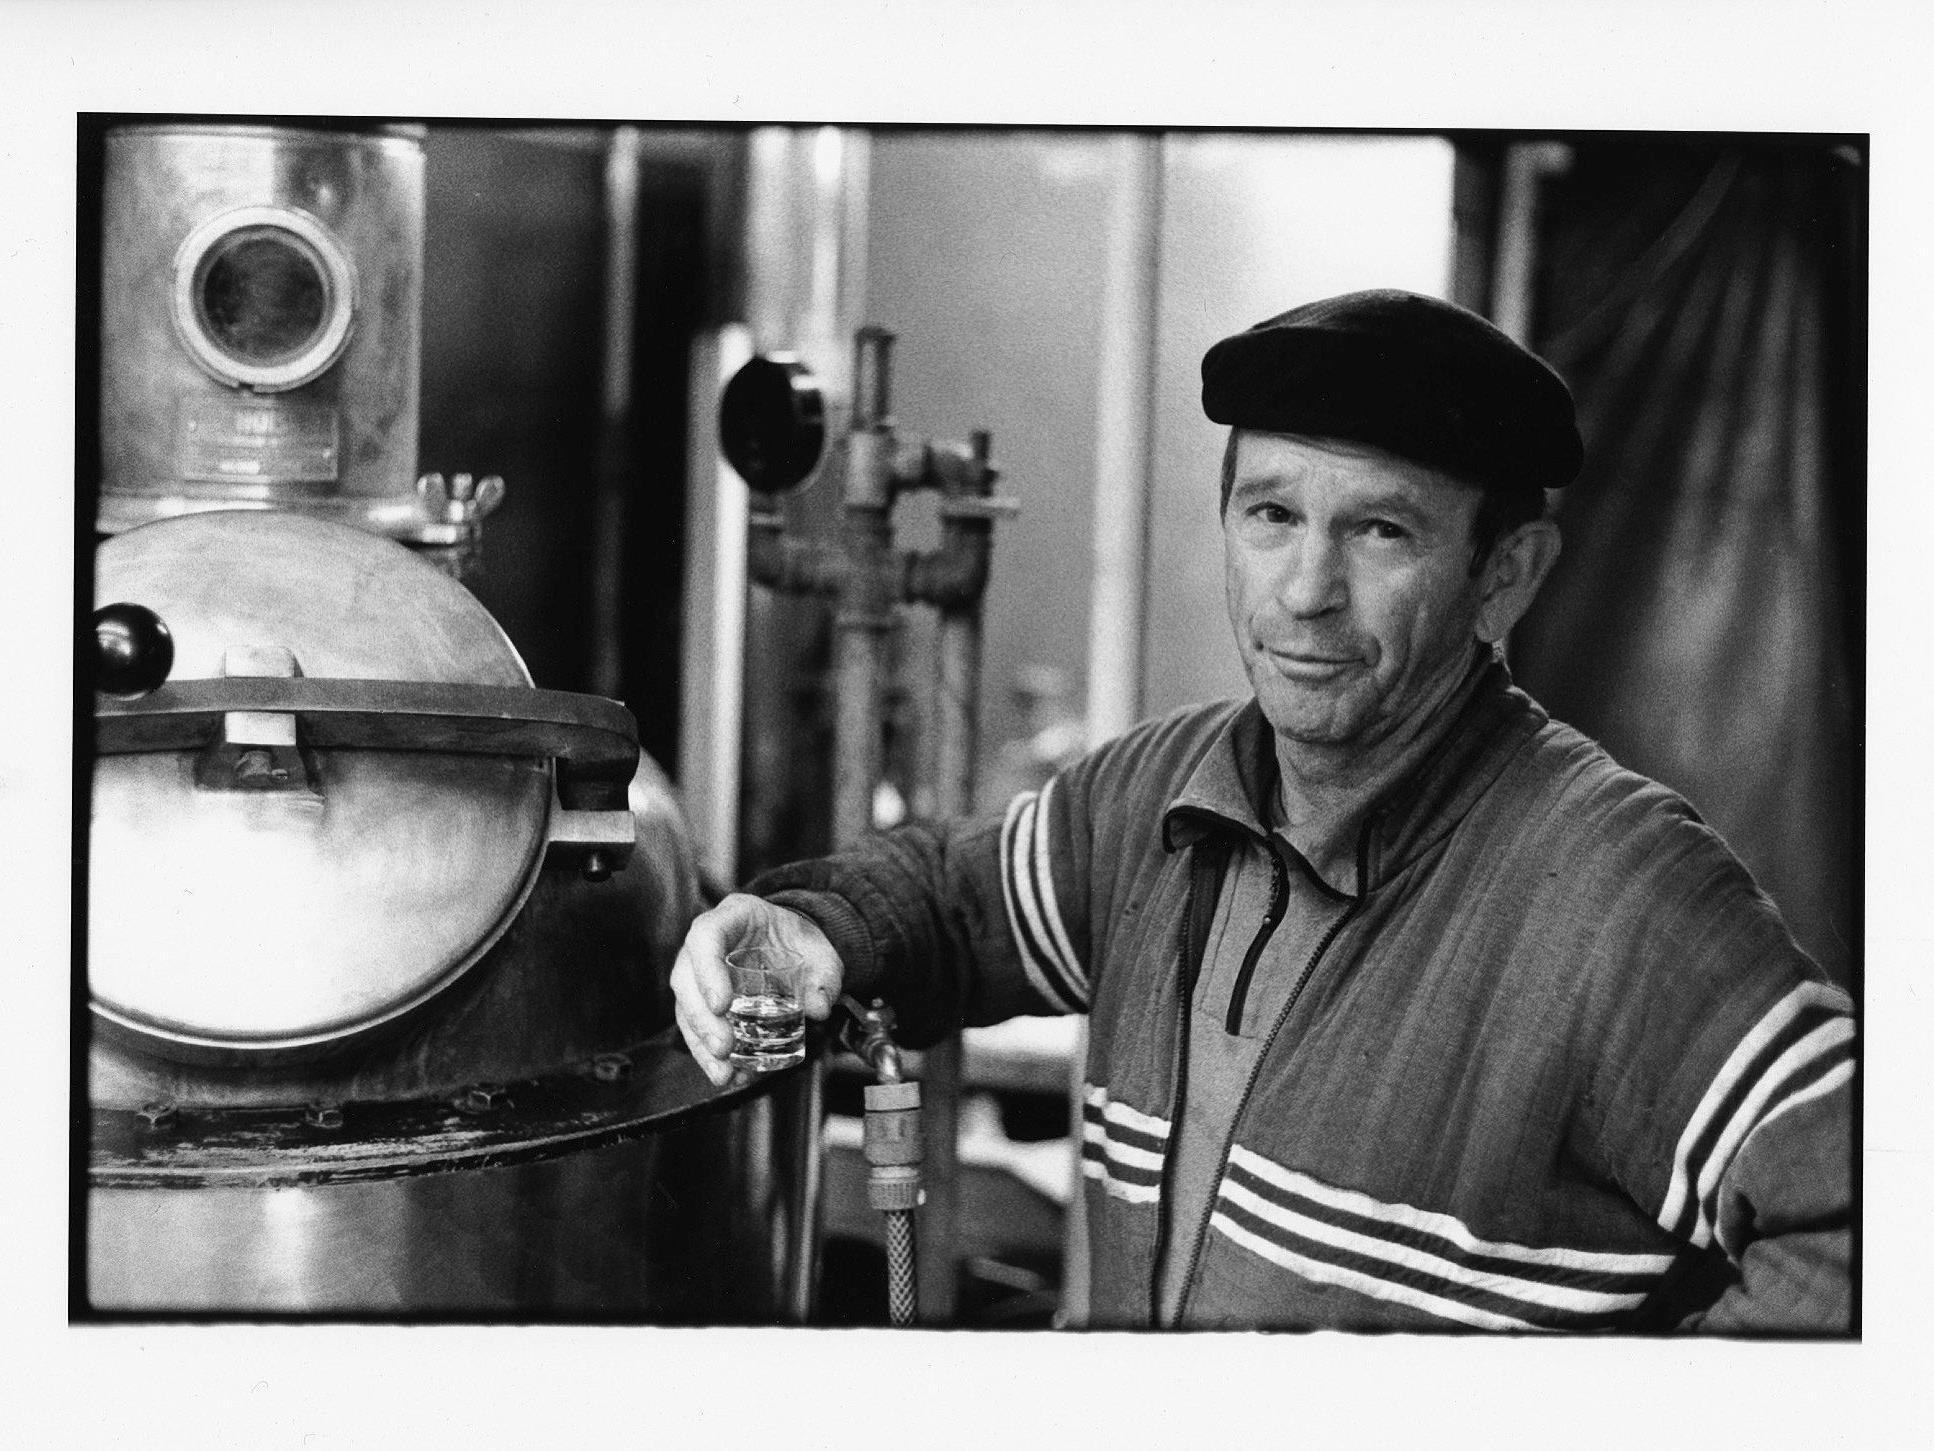 Hans Kohler hat den Prozess des Schnapsbrennens auf Schwarz-Weiß-Fotografien festgehalten.